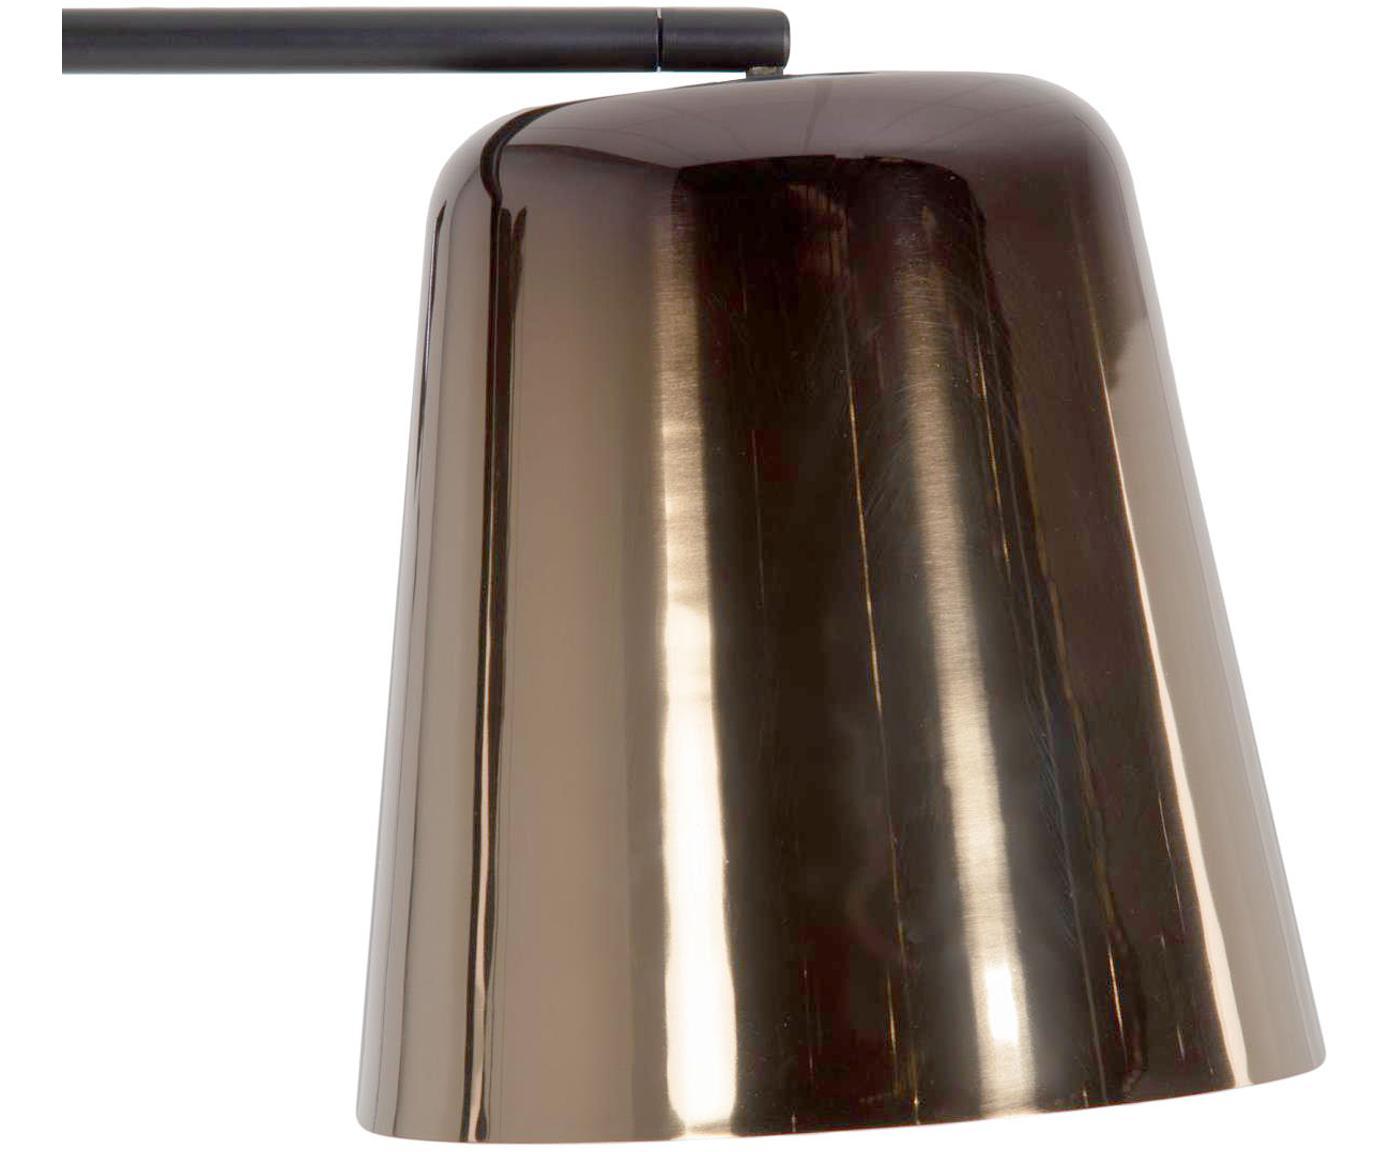 Lampa podłogowa Anina, Metal, Czarny, odcienie mosiądzu, S 103 x W 171 cm